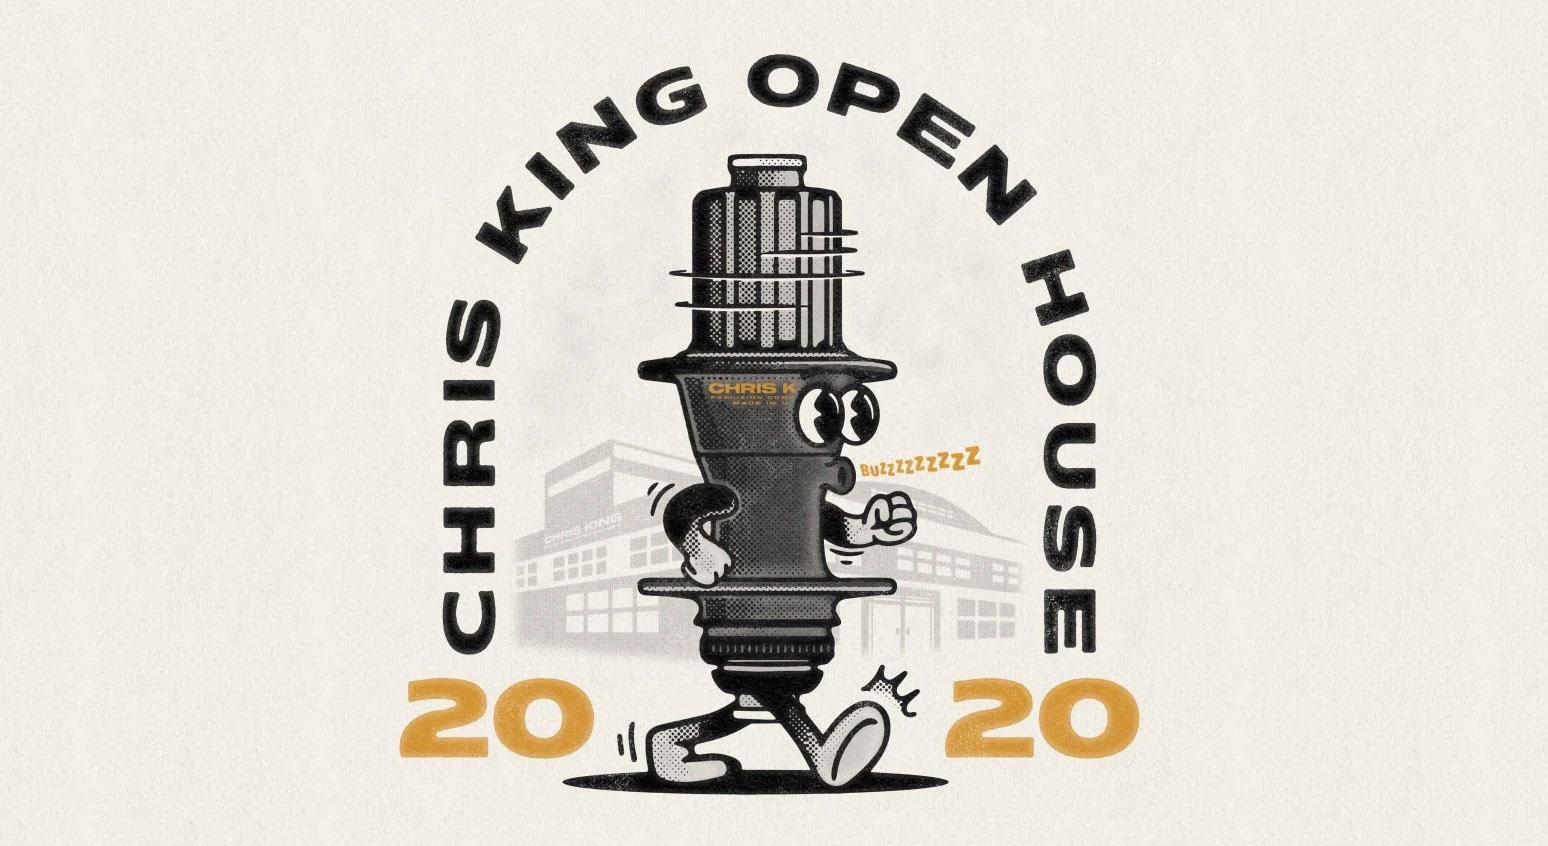 2020 Chris King (virtual) Open House unveils Brooks x CK LE Saddles, teases new colors